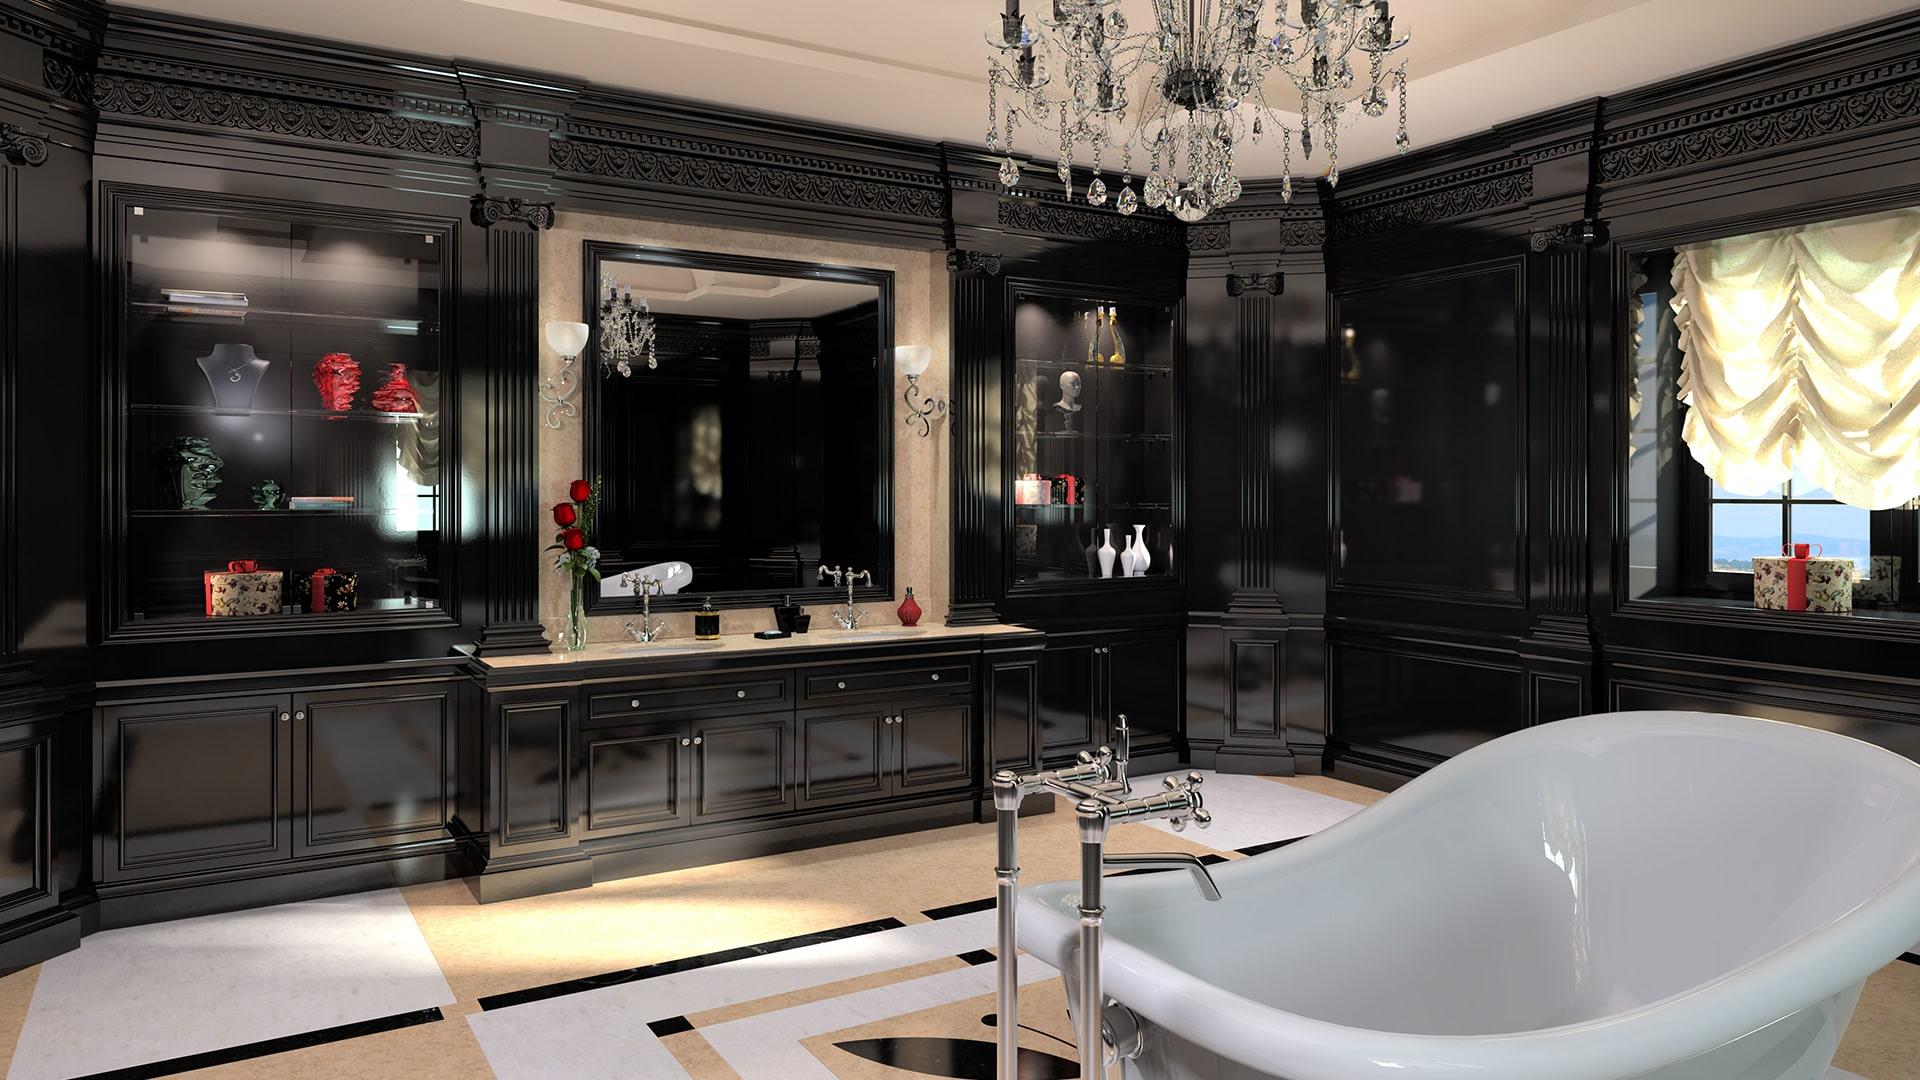 Arredo bagno padronale con mobili in stile classico in legno laccato nero